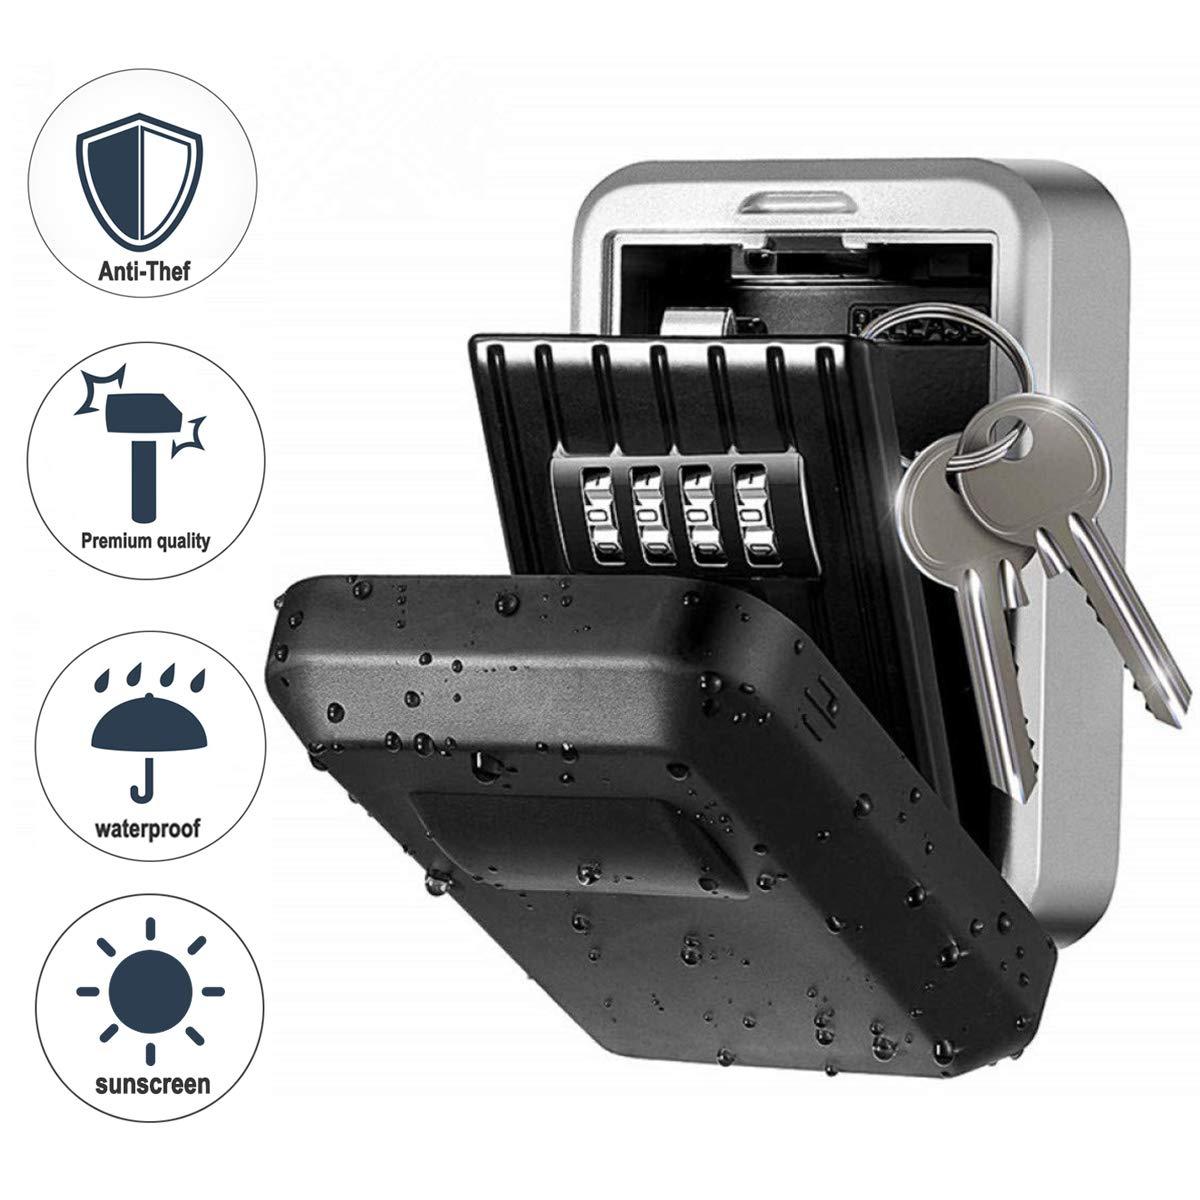 Wodesid Boite /à cl/é s/écuris/ée Key Safe Rangement s/écuris/é avec Code num/érique /à 4 Chiffres bo/îte /à cl/és avec Combinaison num/érique /étanche /à leau et /à